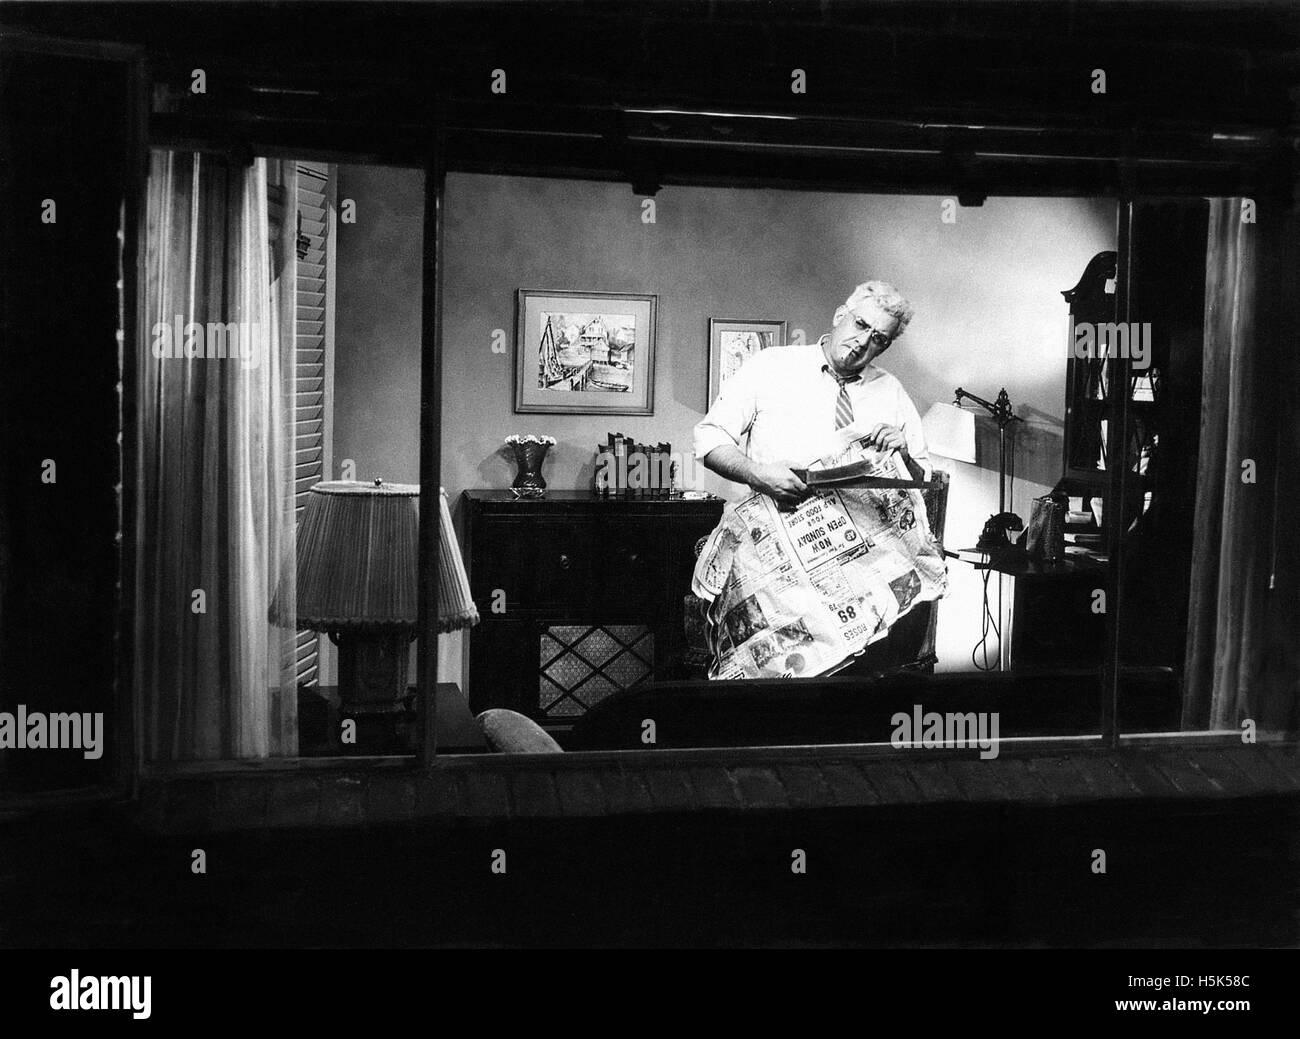 Rear Window - Stock Image